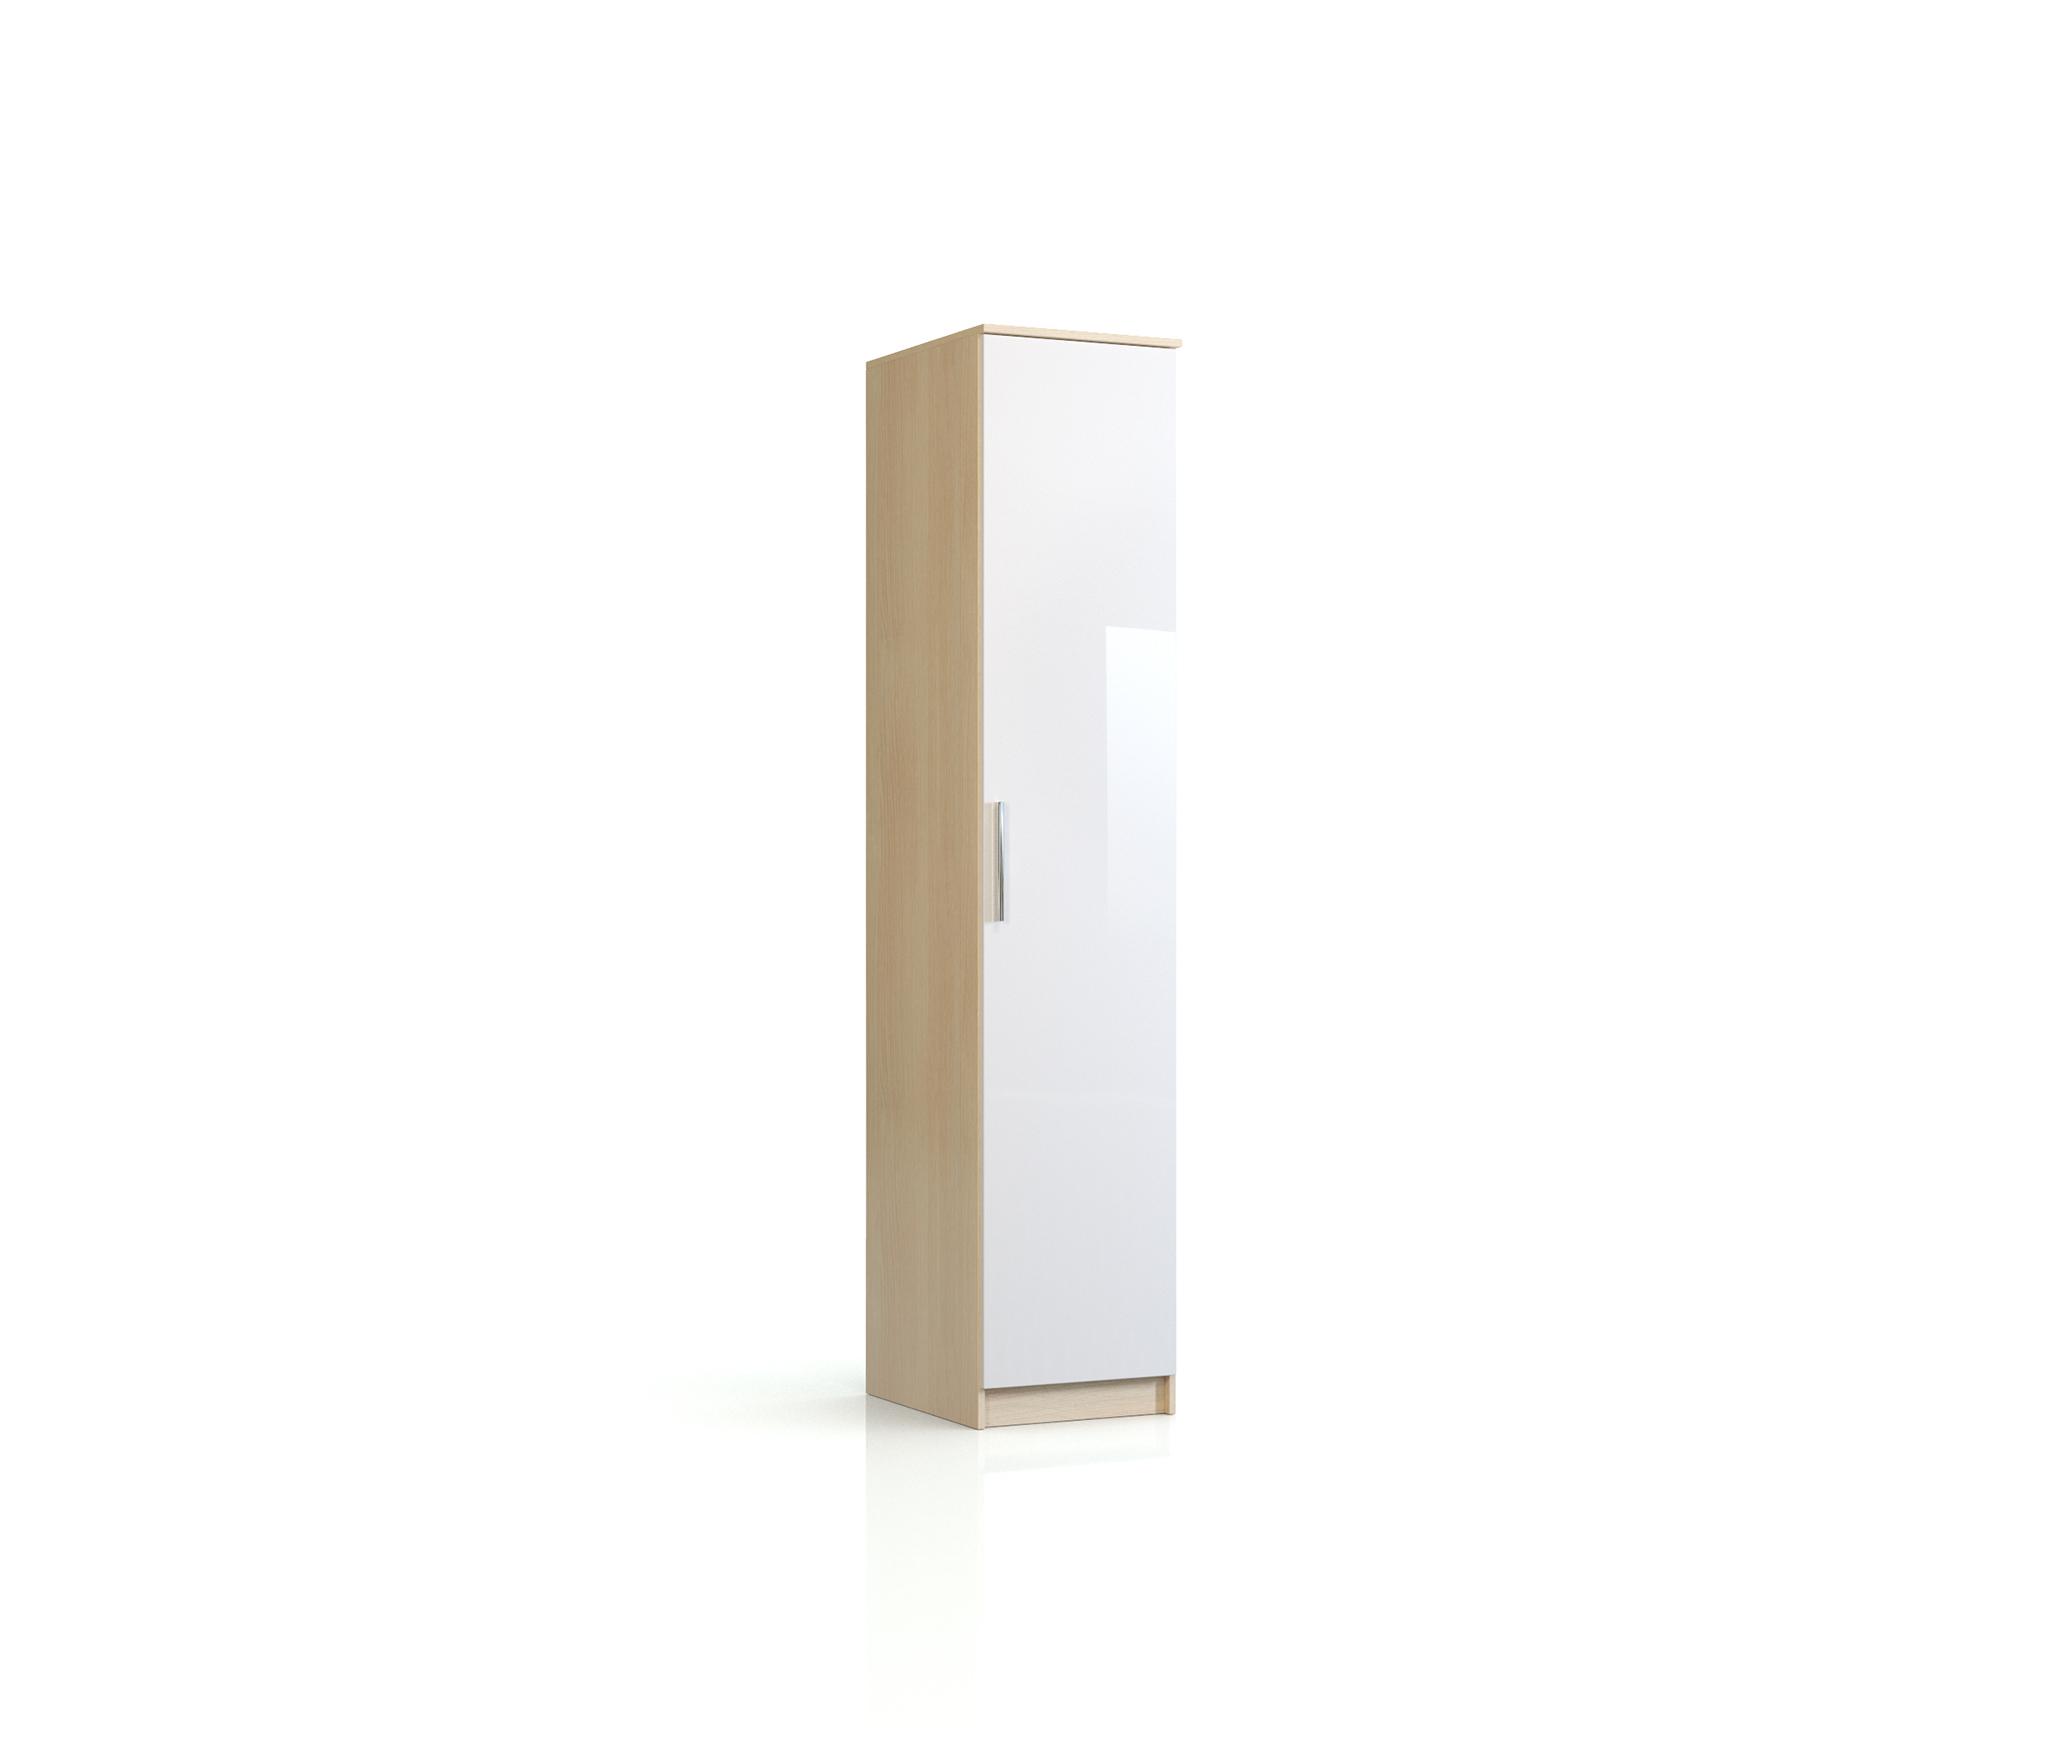 Николь СВ-544 шкаф-пенал